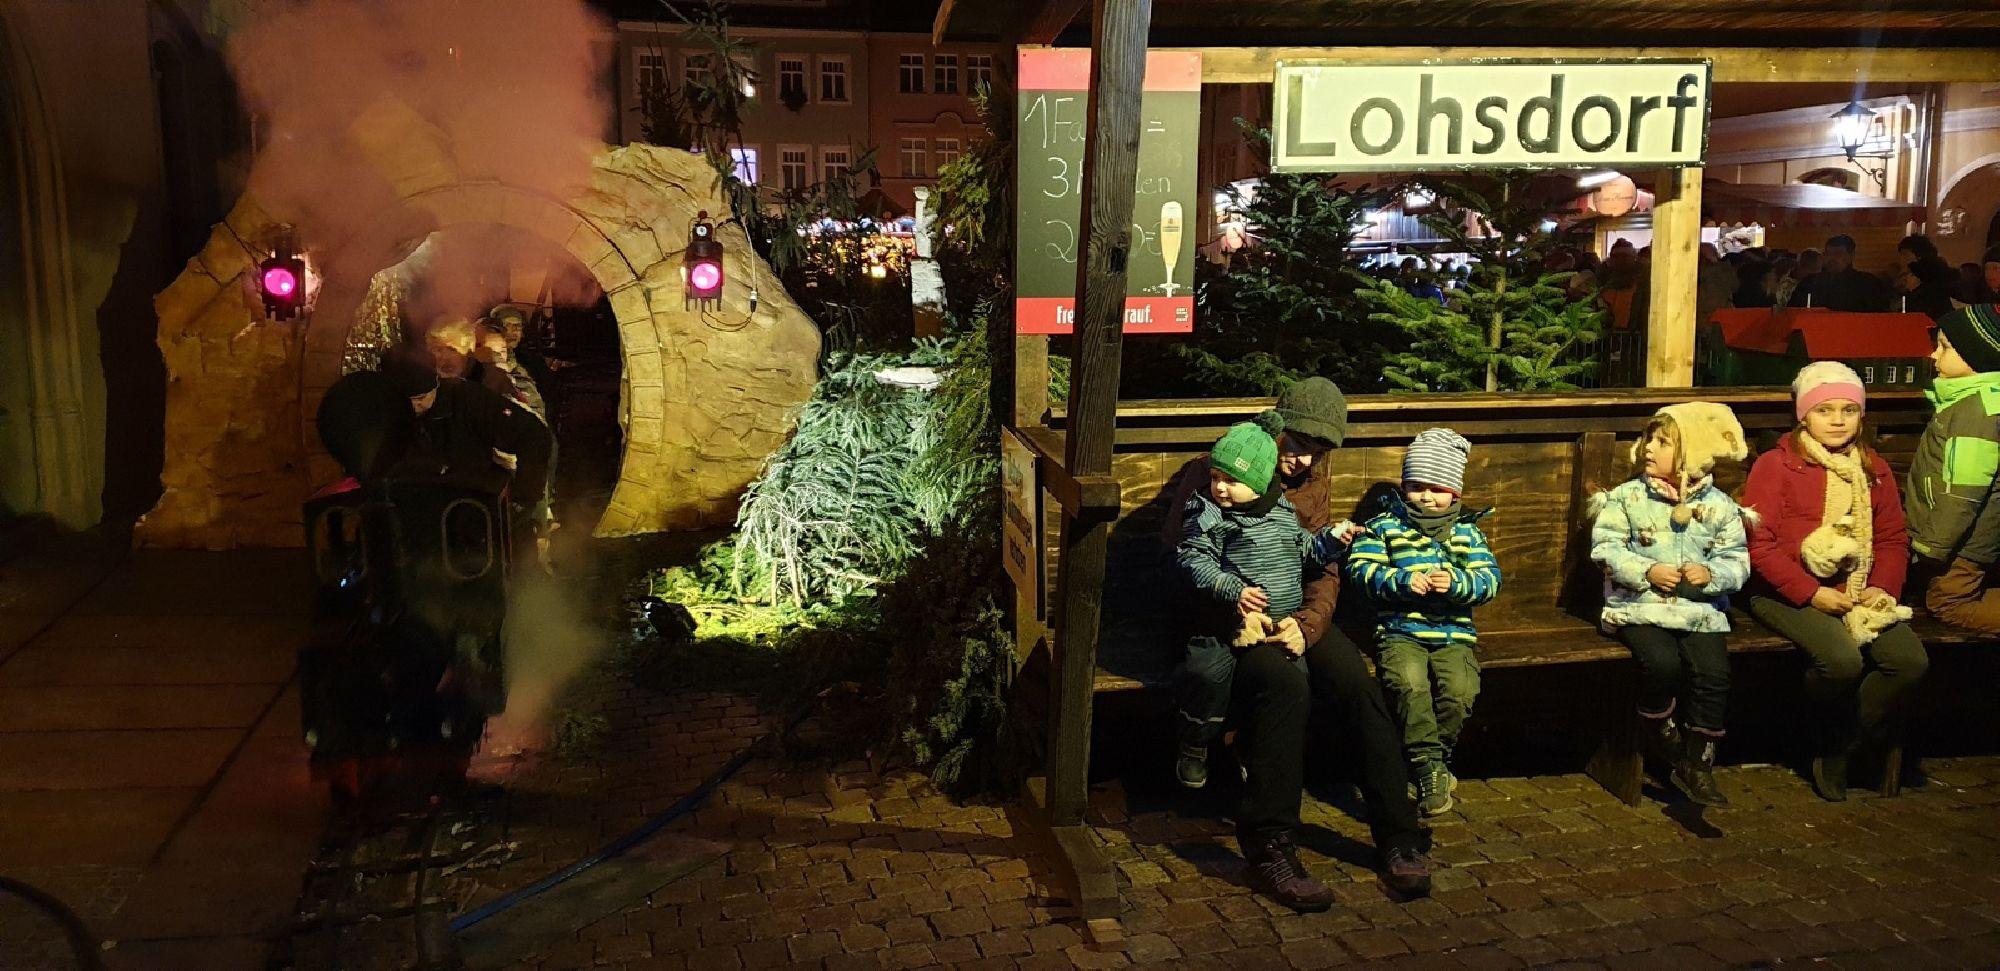 Dampfeisenbahn auf dem Canalettomarkt in Pirna